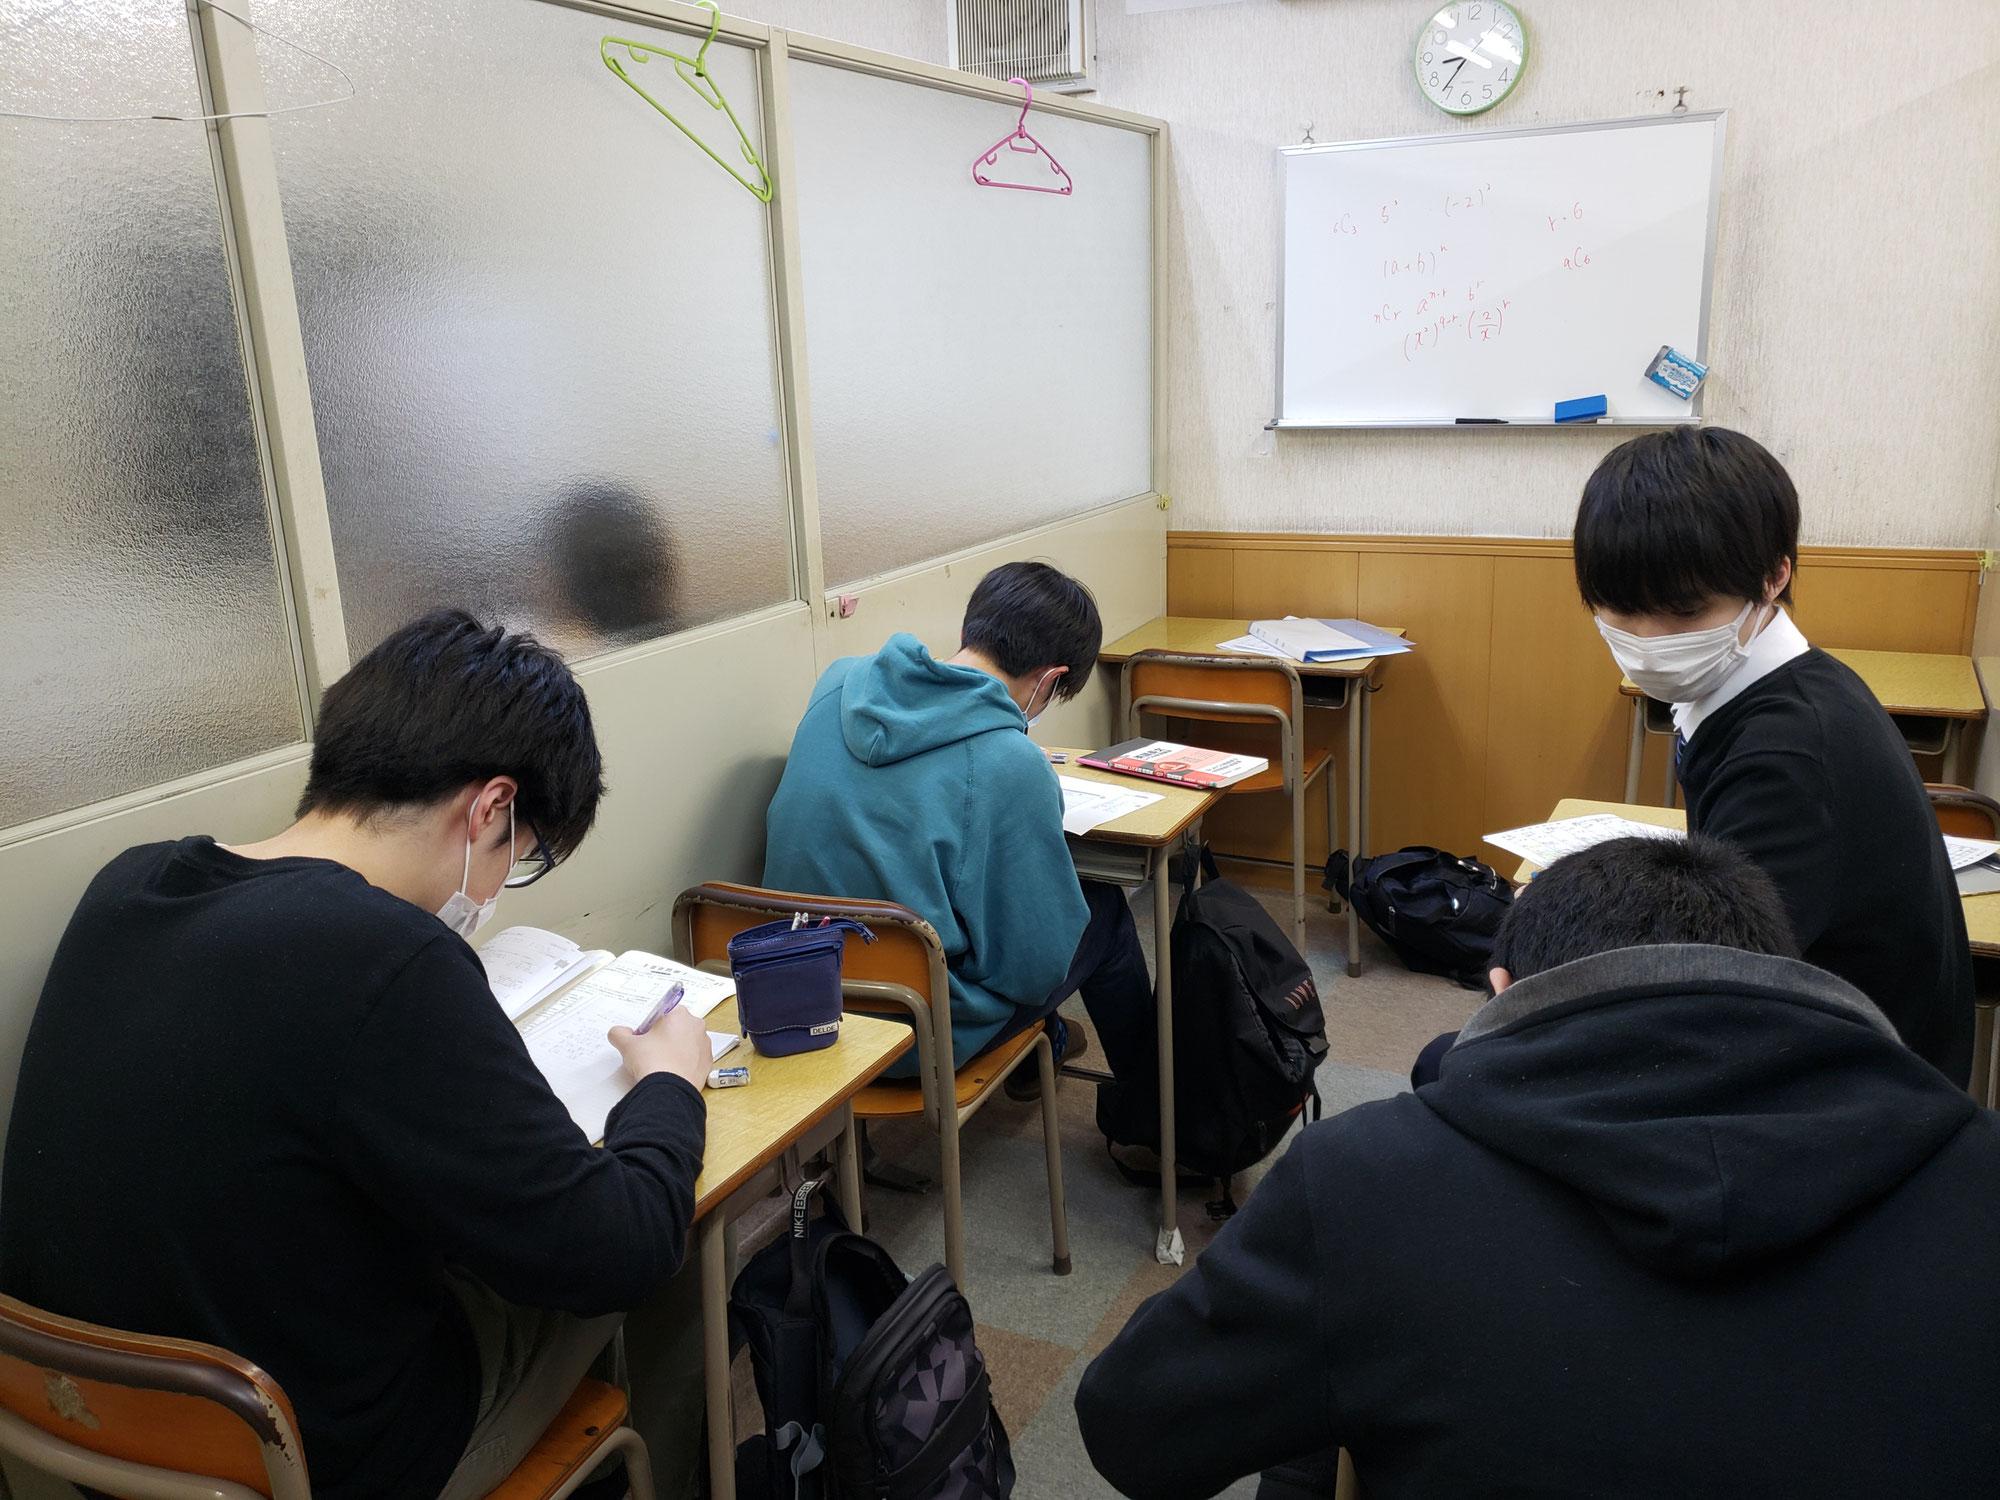 GWは暦通りのお休みです。振り替え授業と自習の予約日間違えないようにね(^_^)